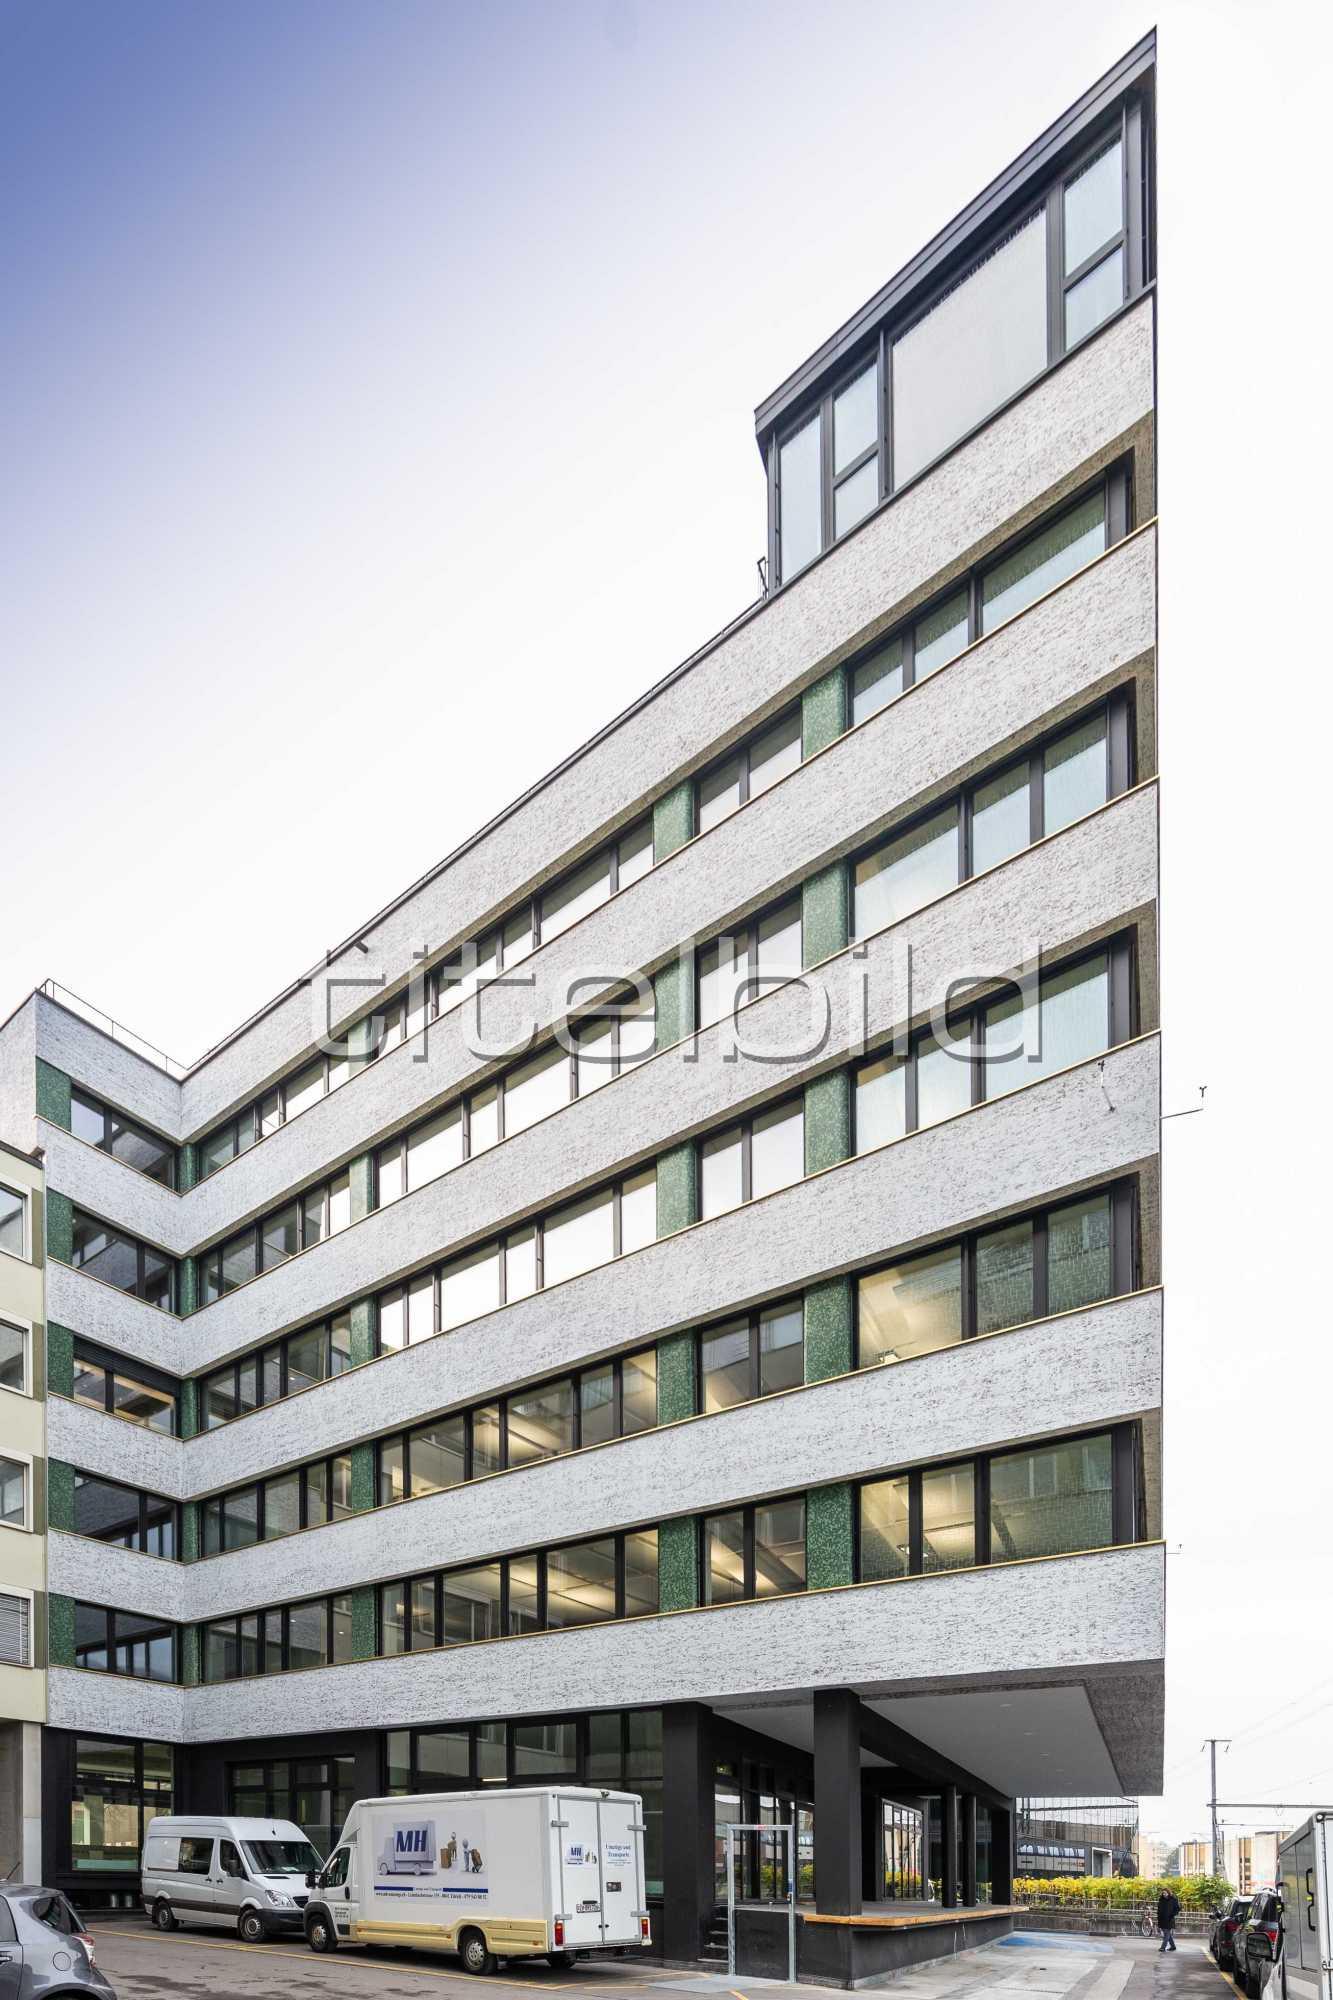 Projektbild-Nr. 1: Sanierung Geschäftshaus Hohlstrasse 612, 8048 Zürich